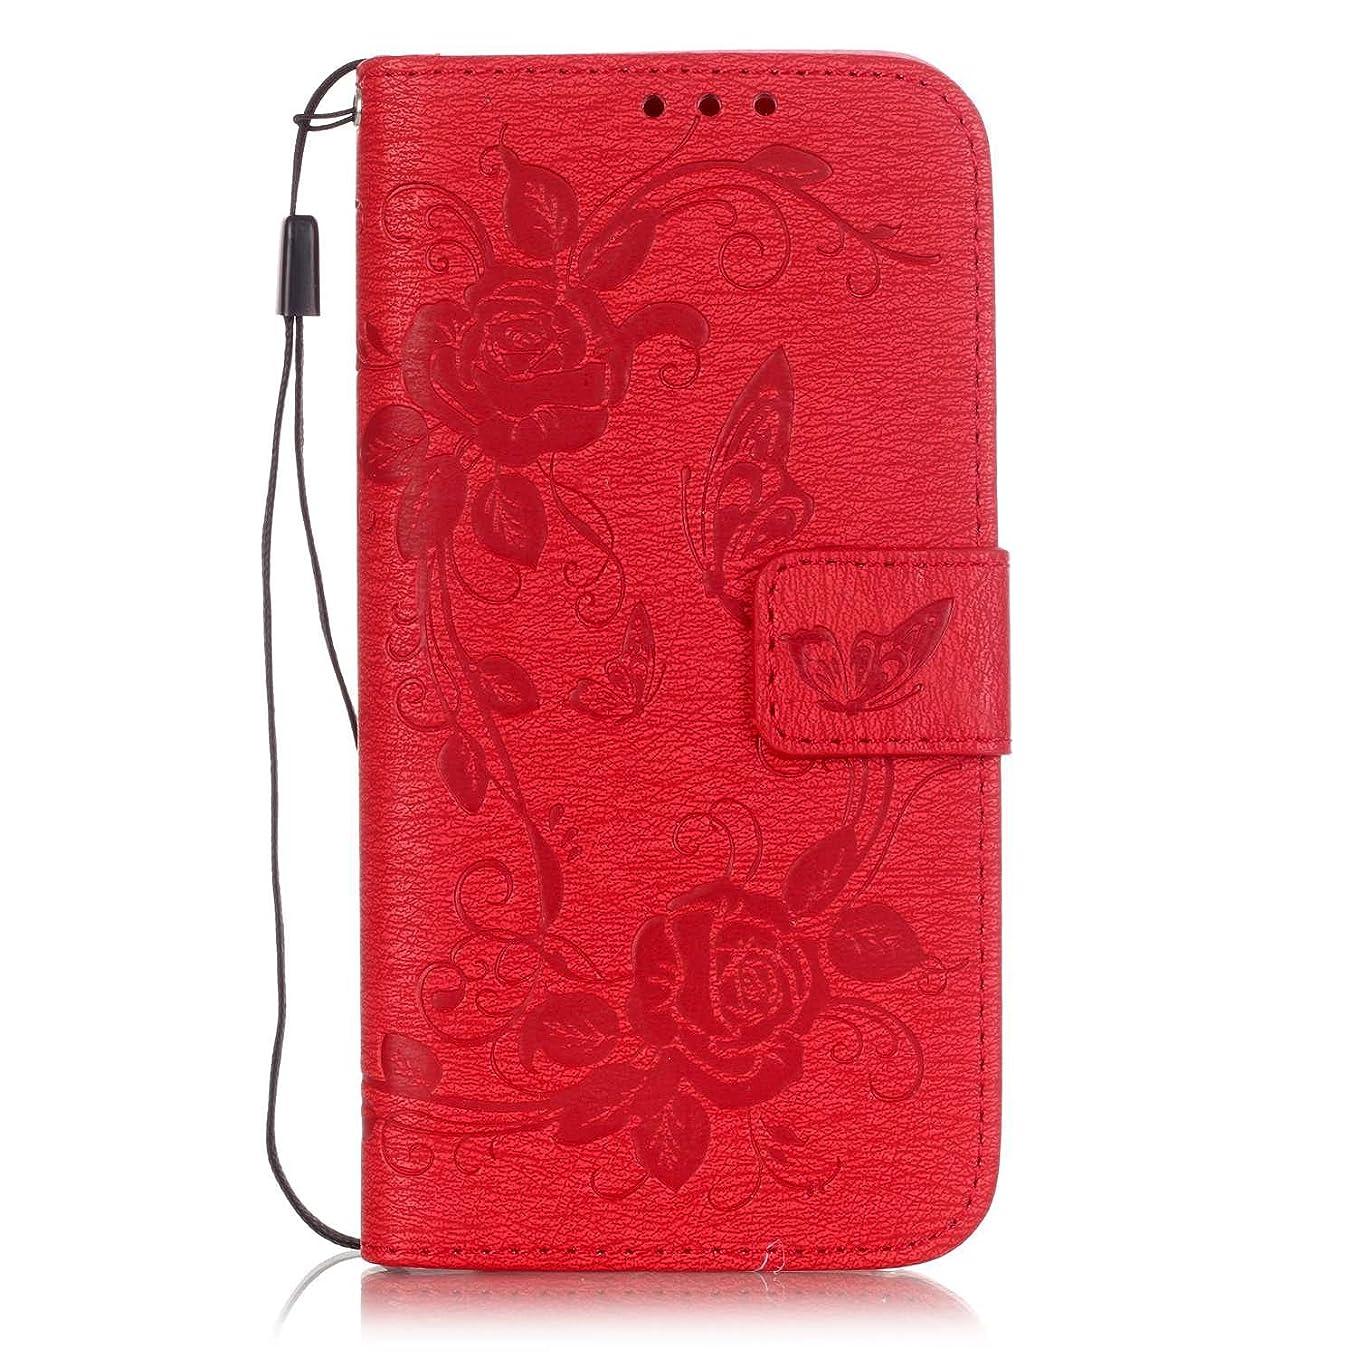 首制限されたパンチiPhone 8ケース 高級PU 手帳型 型押し 蝶柄 全面保護 耐汚れ スマートフォンケース(赤)